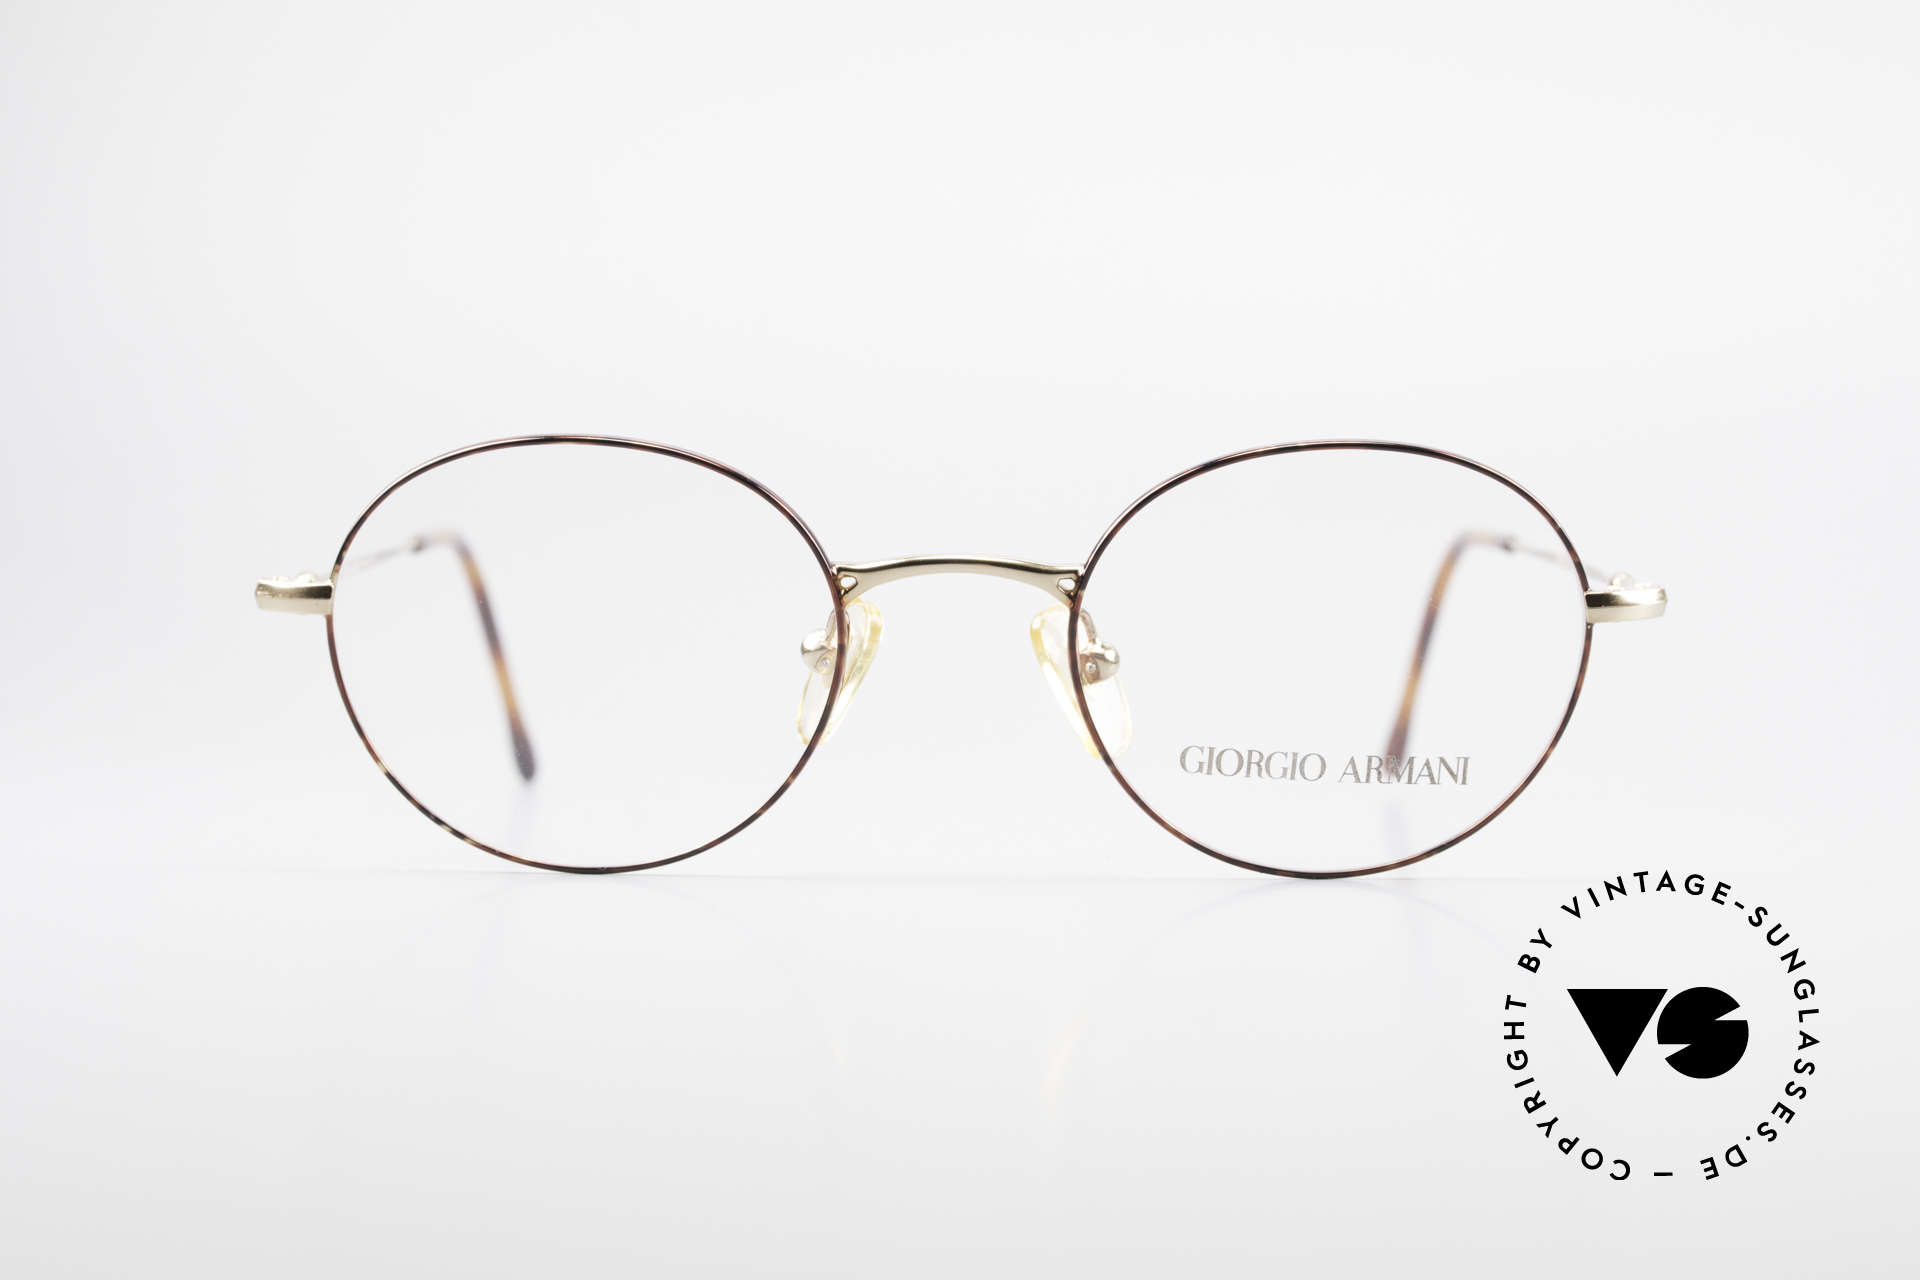 Giorgio Armani 252 Alte Vintage Brille Oval 90er, dezenter, zeitloser Stil; passt gut zu fast jedem Look, Passend für Herren und Damen